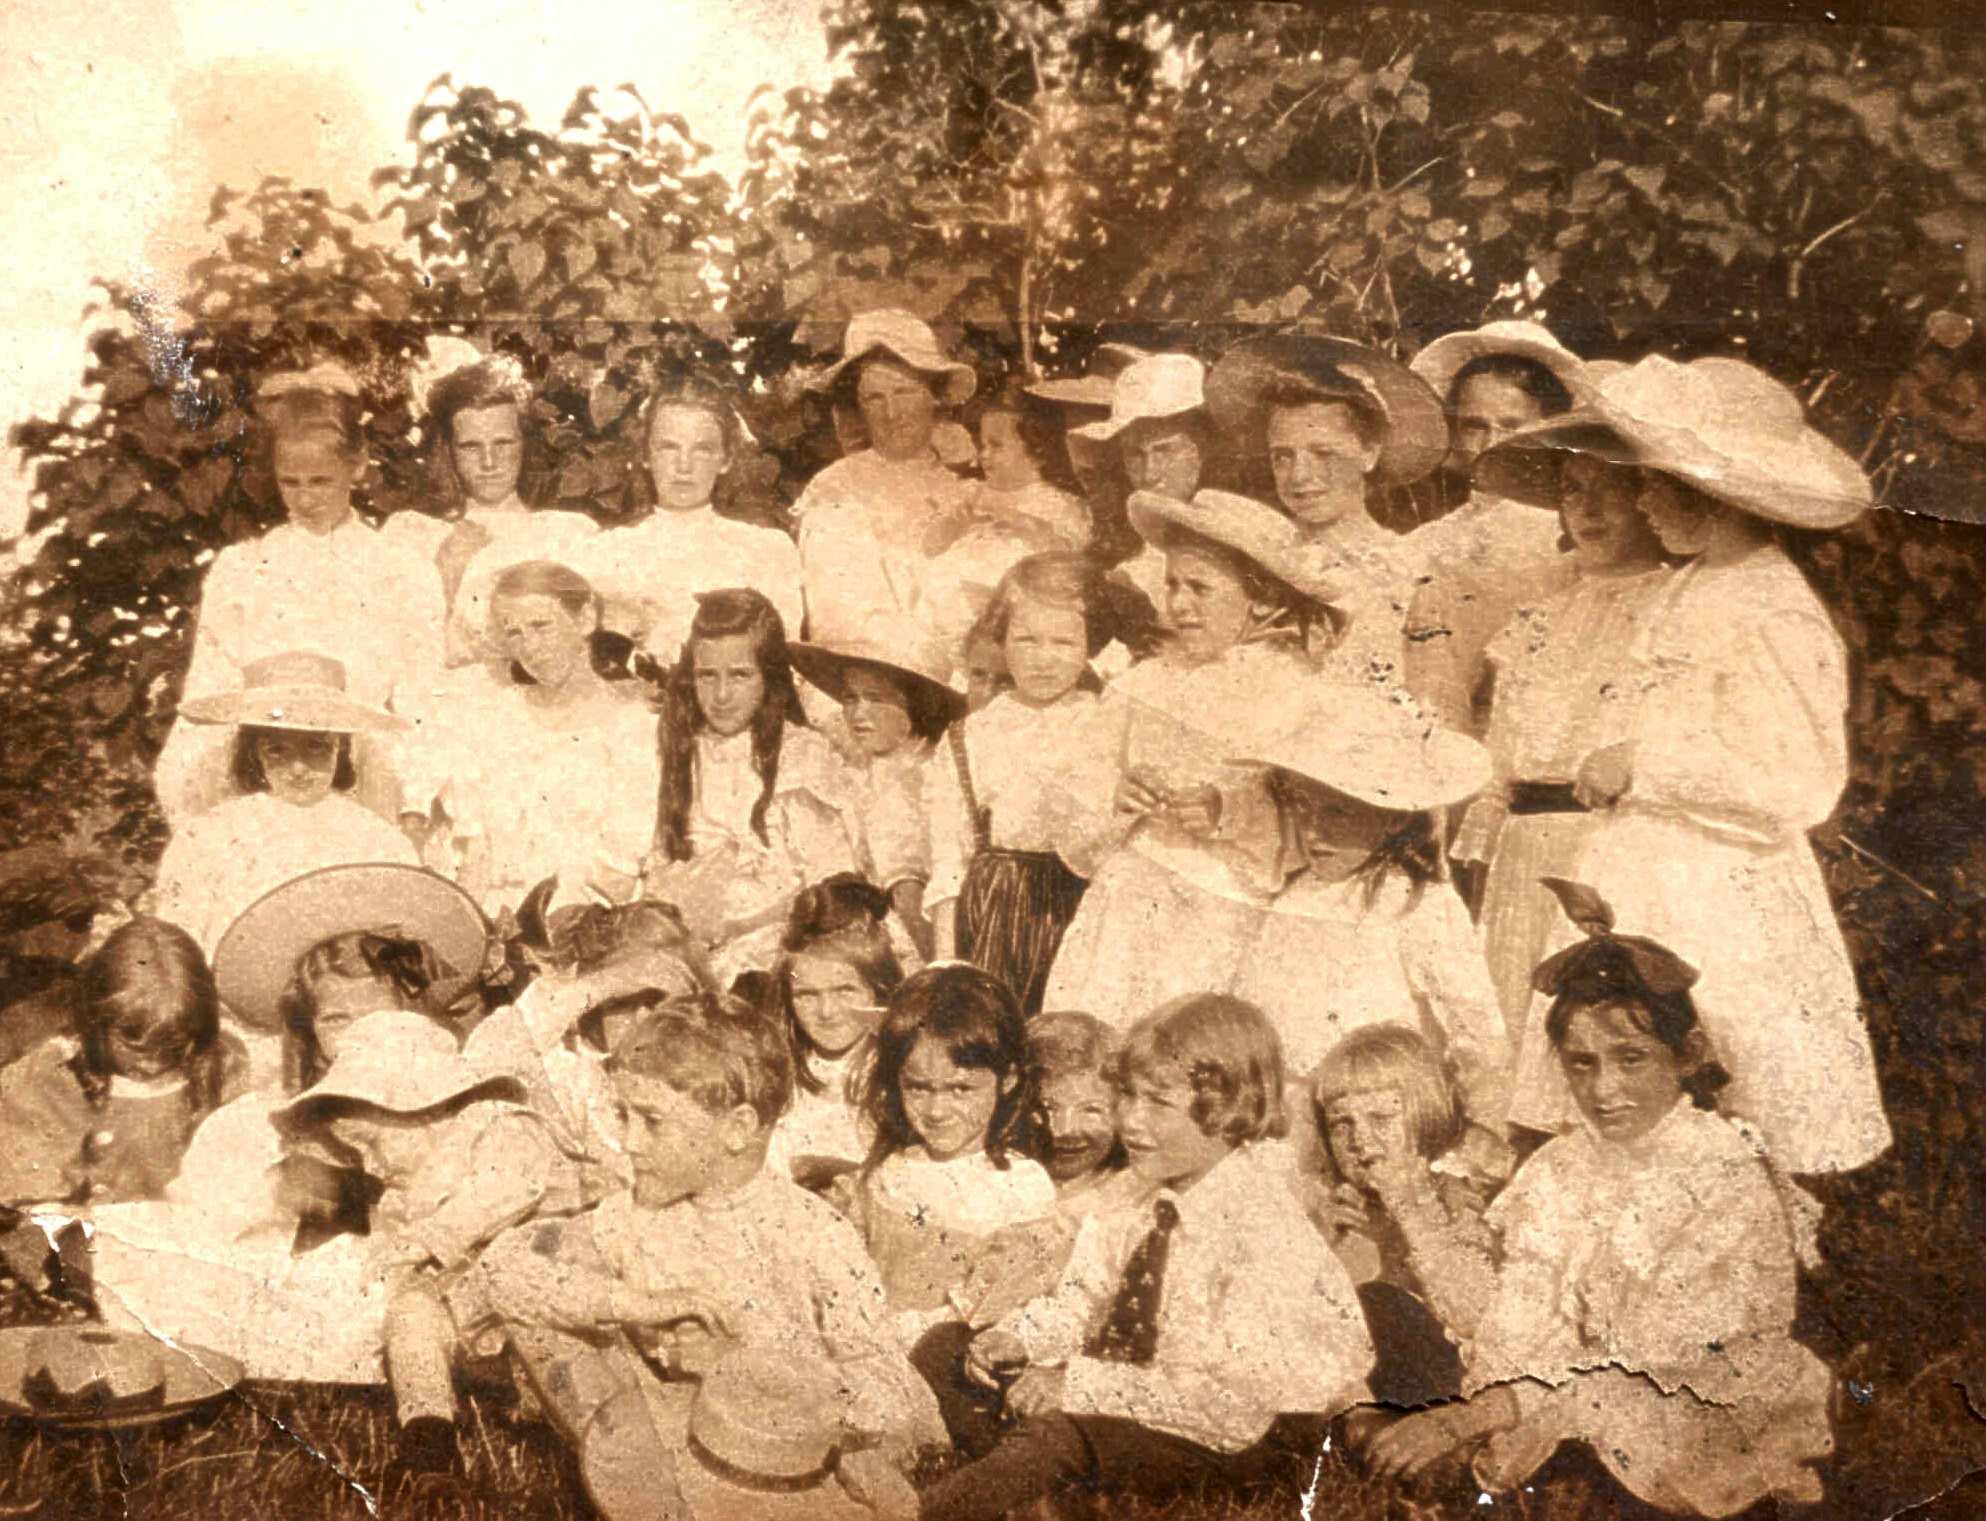 Près d'une trentaine de vacanciers de tout âge (principalement des jeunes filles) posent sous les lilas.